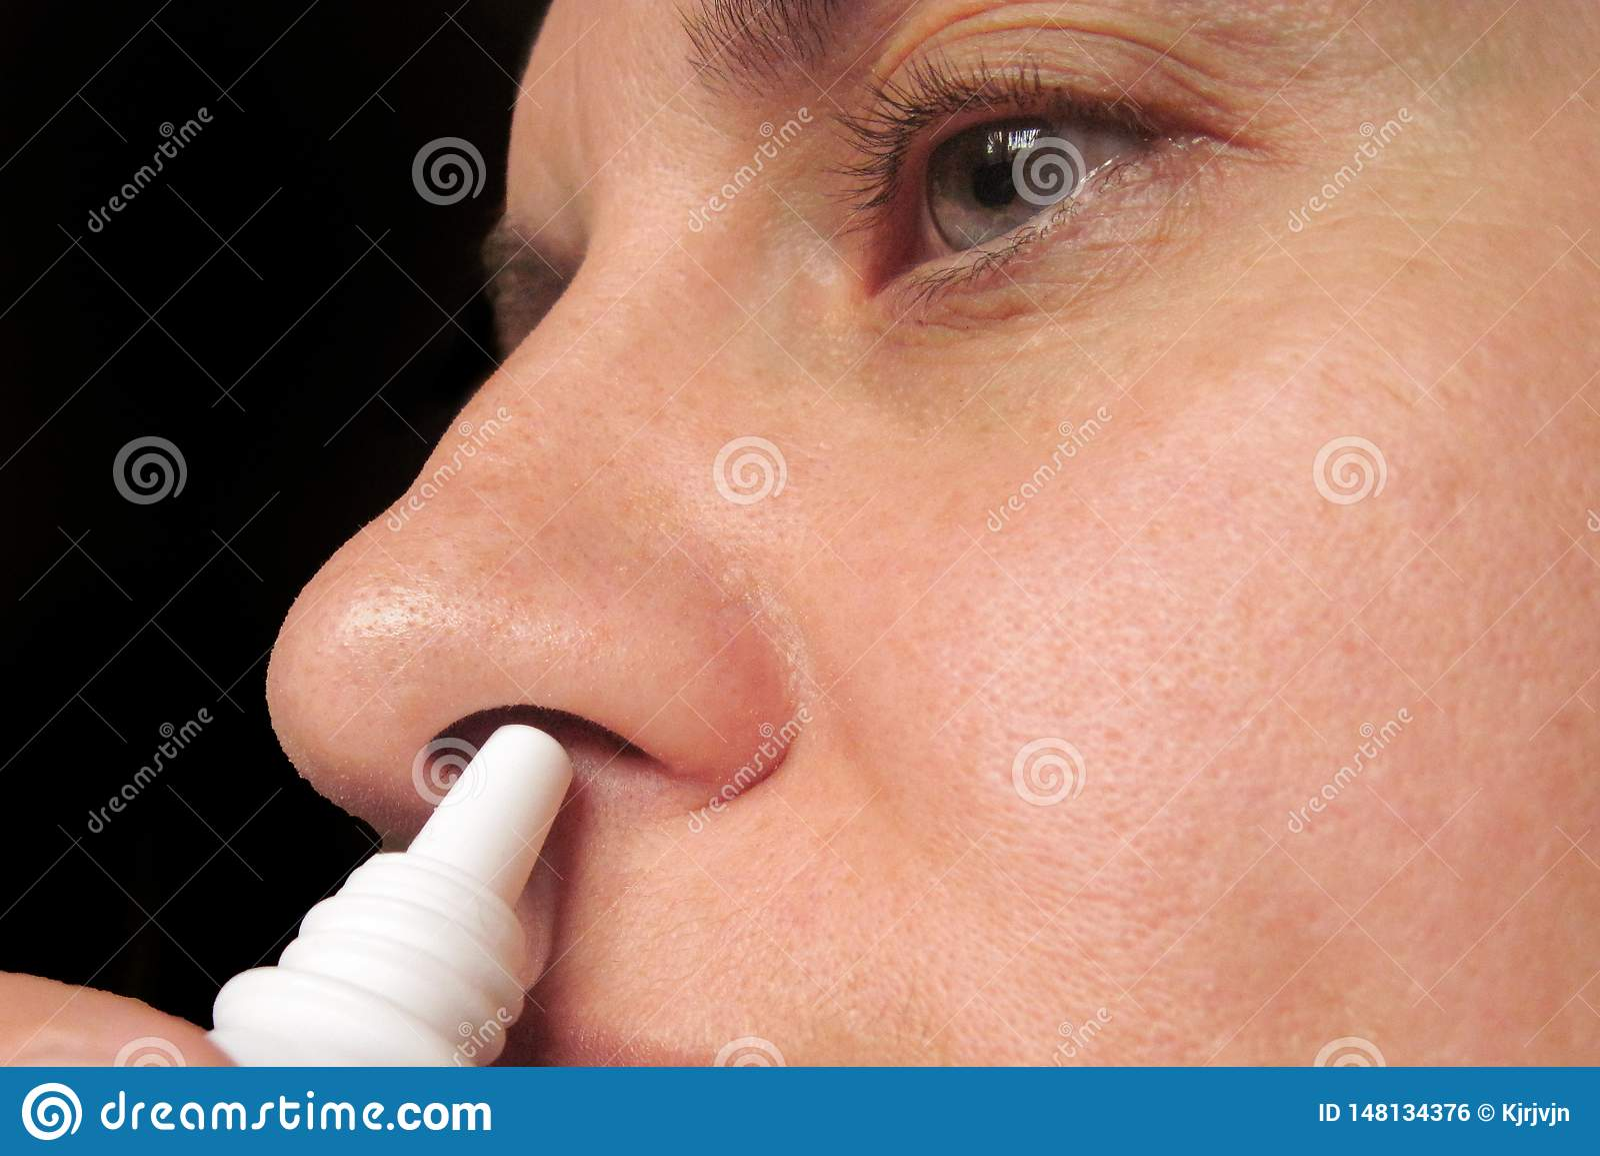 Zbliżenie kapie nosowe krople w nosie w średnim wieku kobieta Kobiet kiście taktować zimno, grypę lub alergię w domu, r?k opieki